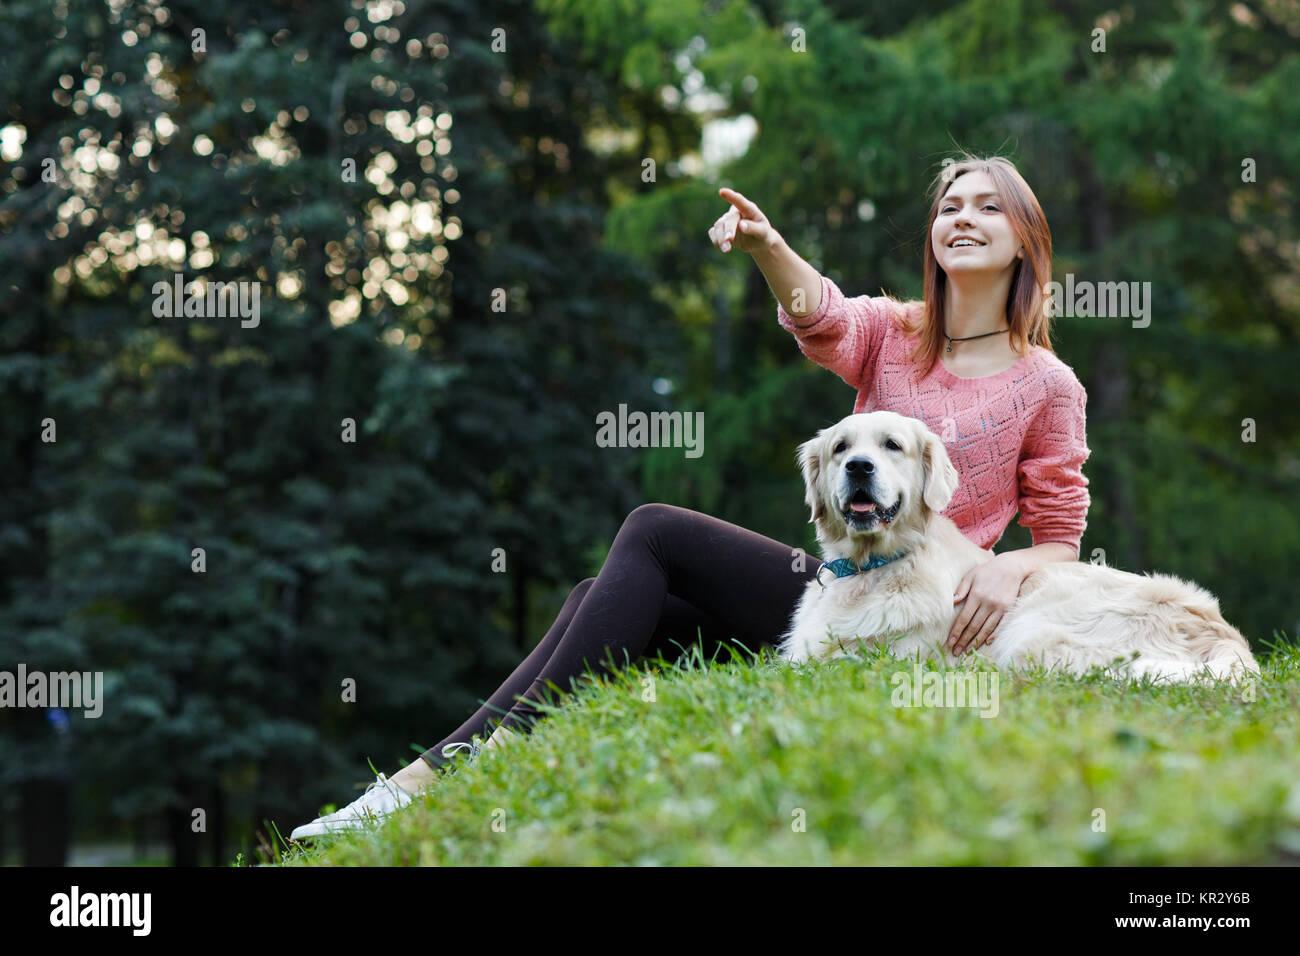 Bild von Unten der Frau nach vorn zeigen neben Hund auf dem grünen Rasen Stockbild